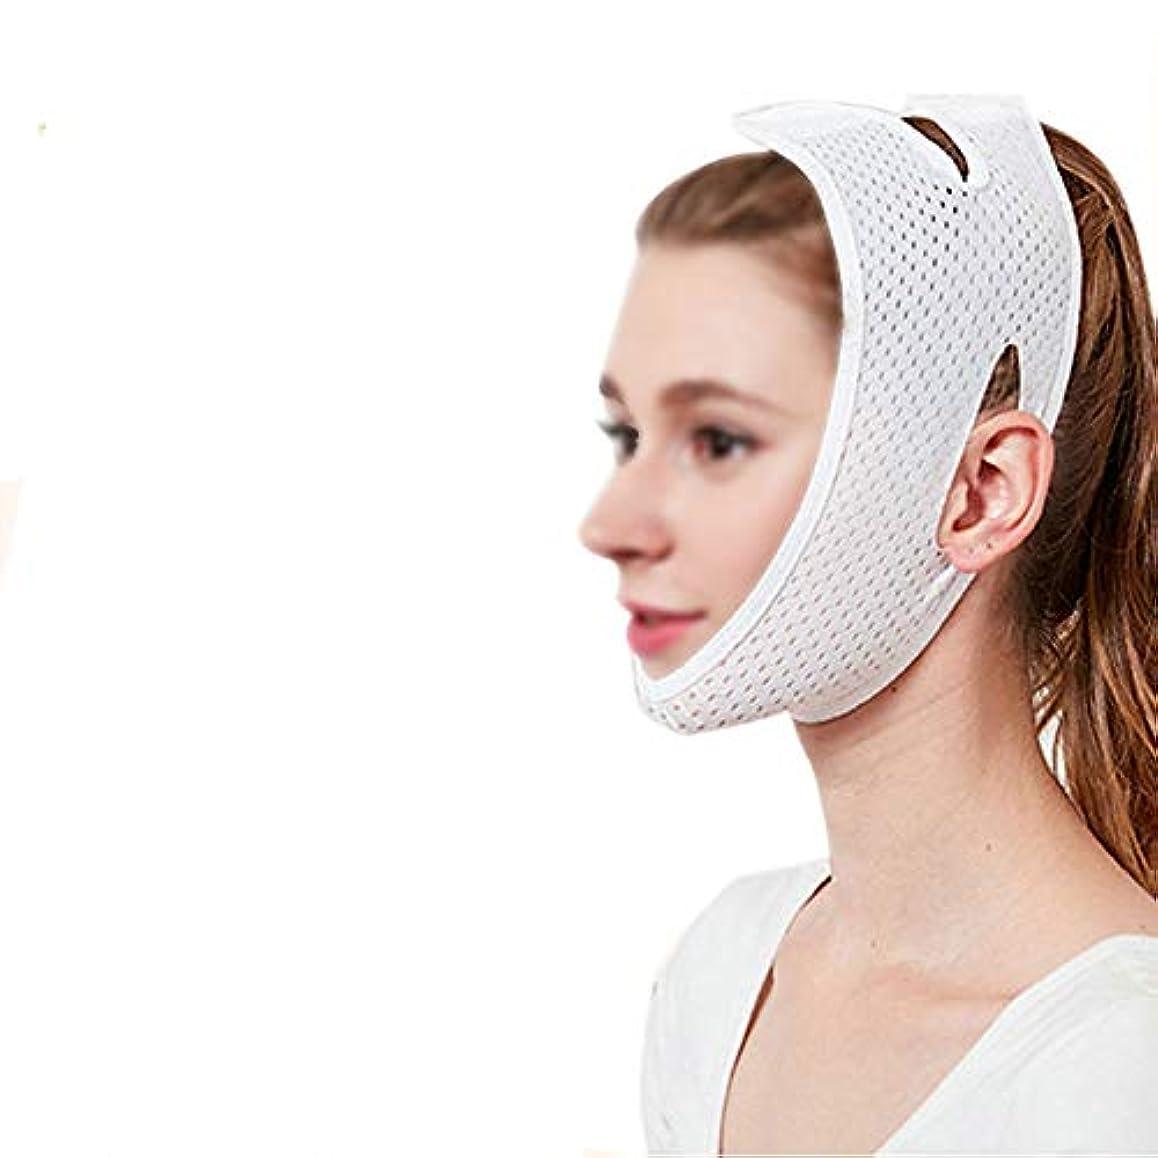 ベーリング海峡密輸啓発するGLJJQMY 薄い顔の包帯の薄い二重あごの引き締めの固まる皮の睡眠のマスクの頬の顔の減量のマスク 顔用整形マスク (Color : White)